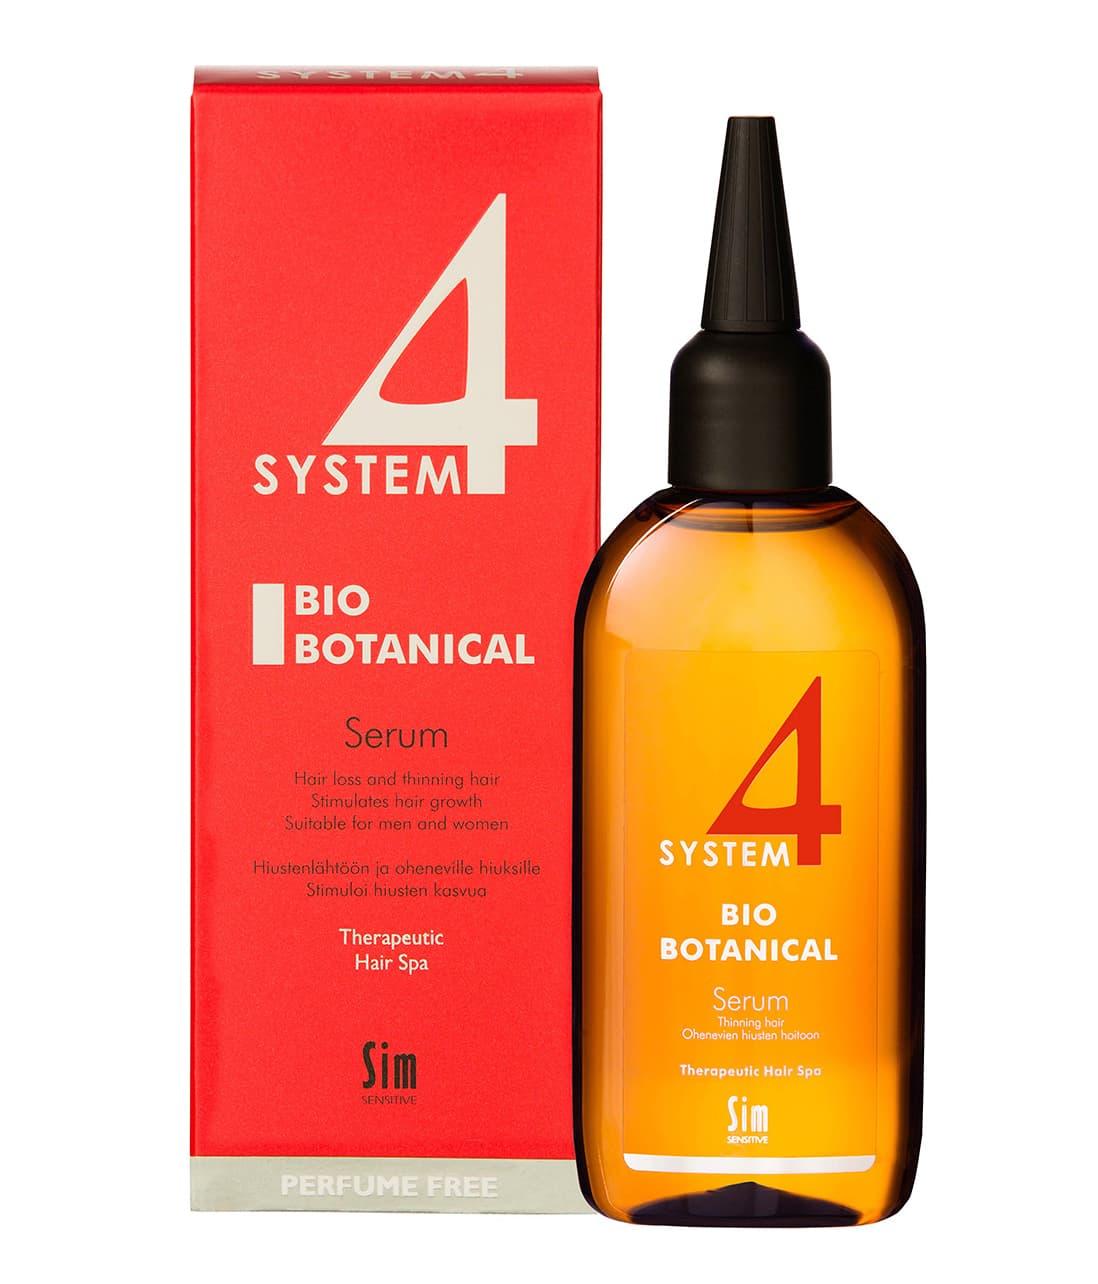 Sim Sensitive System System 4 Bio Botanical Serum Био Ботаническая Сыворотка